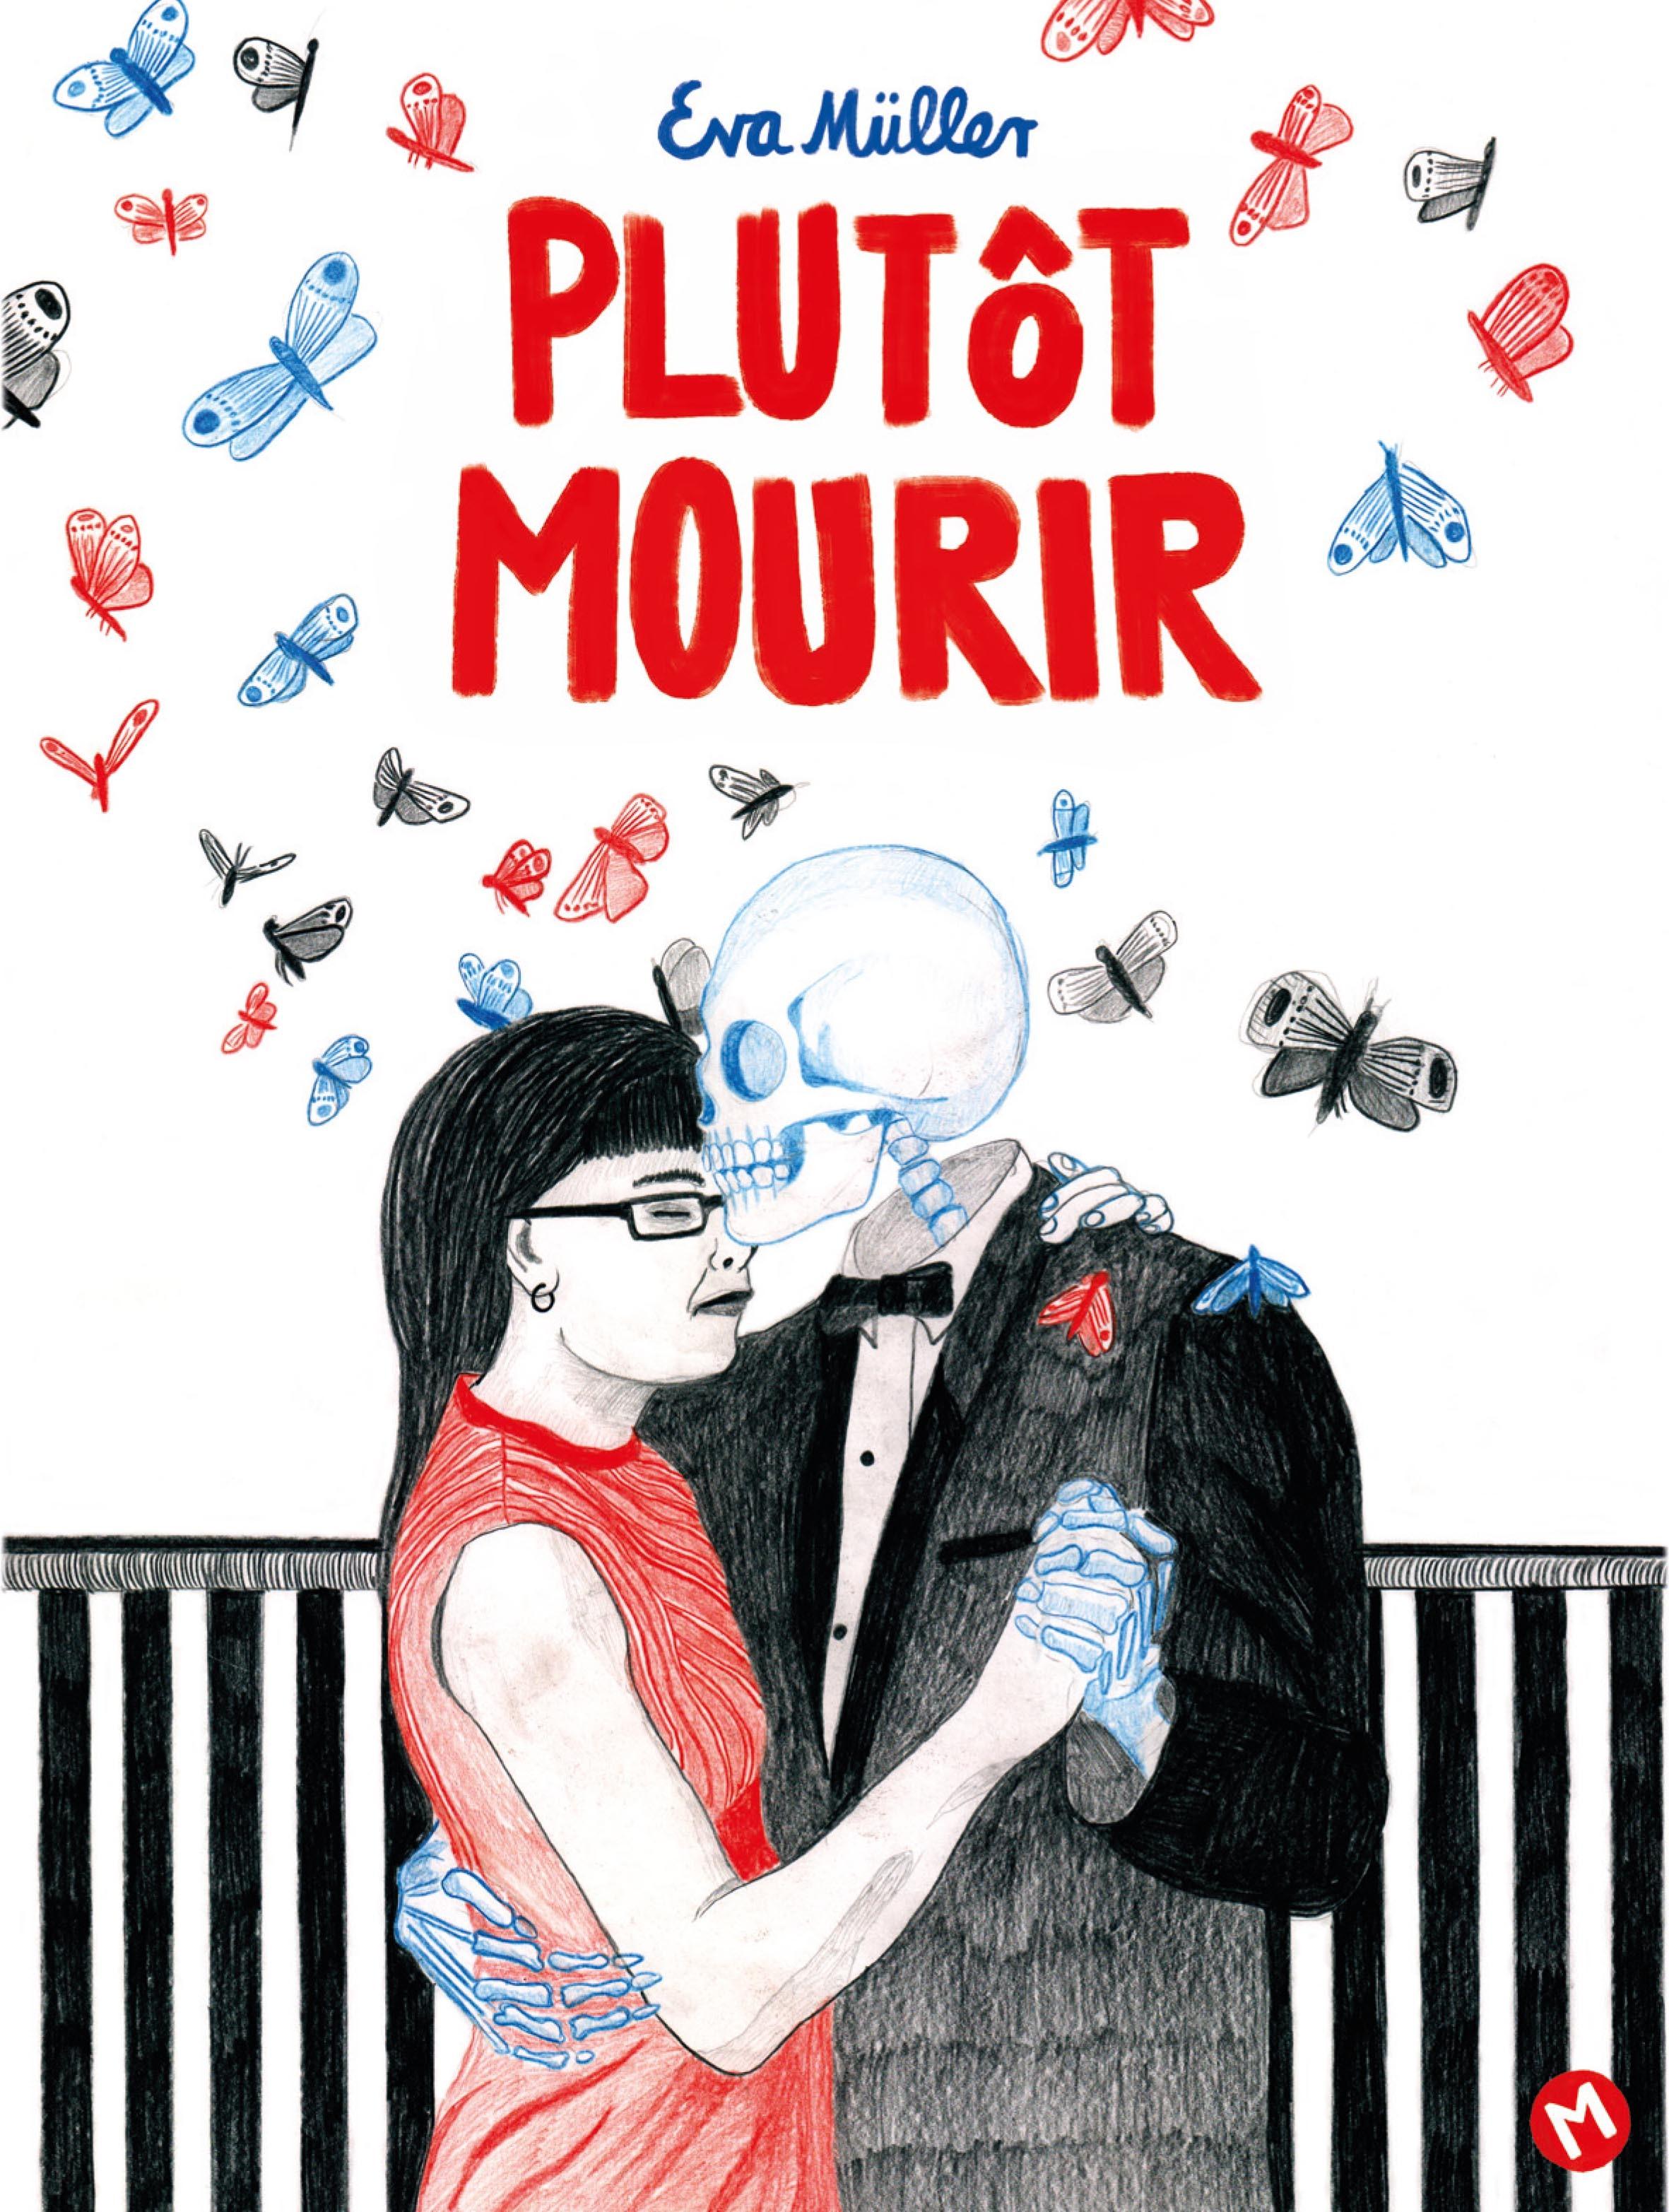 PLUTOT MOURIR